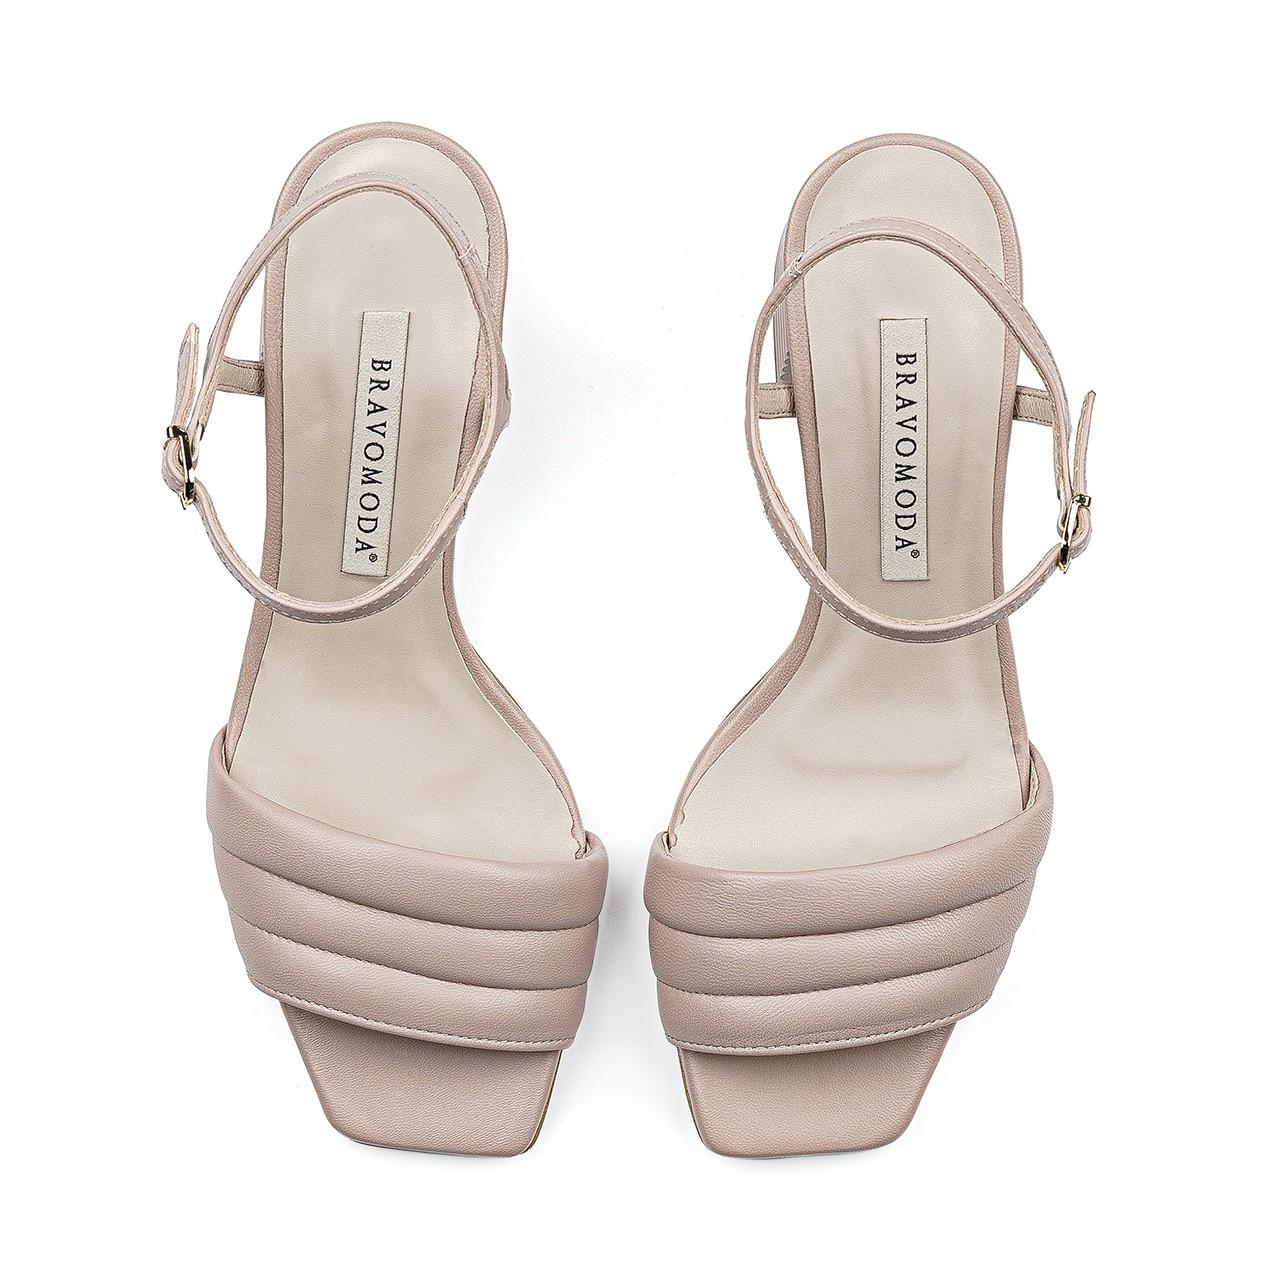 Beżowe sandały z przeszyciami